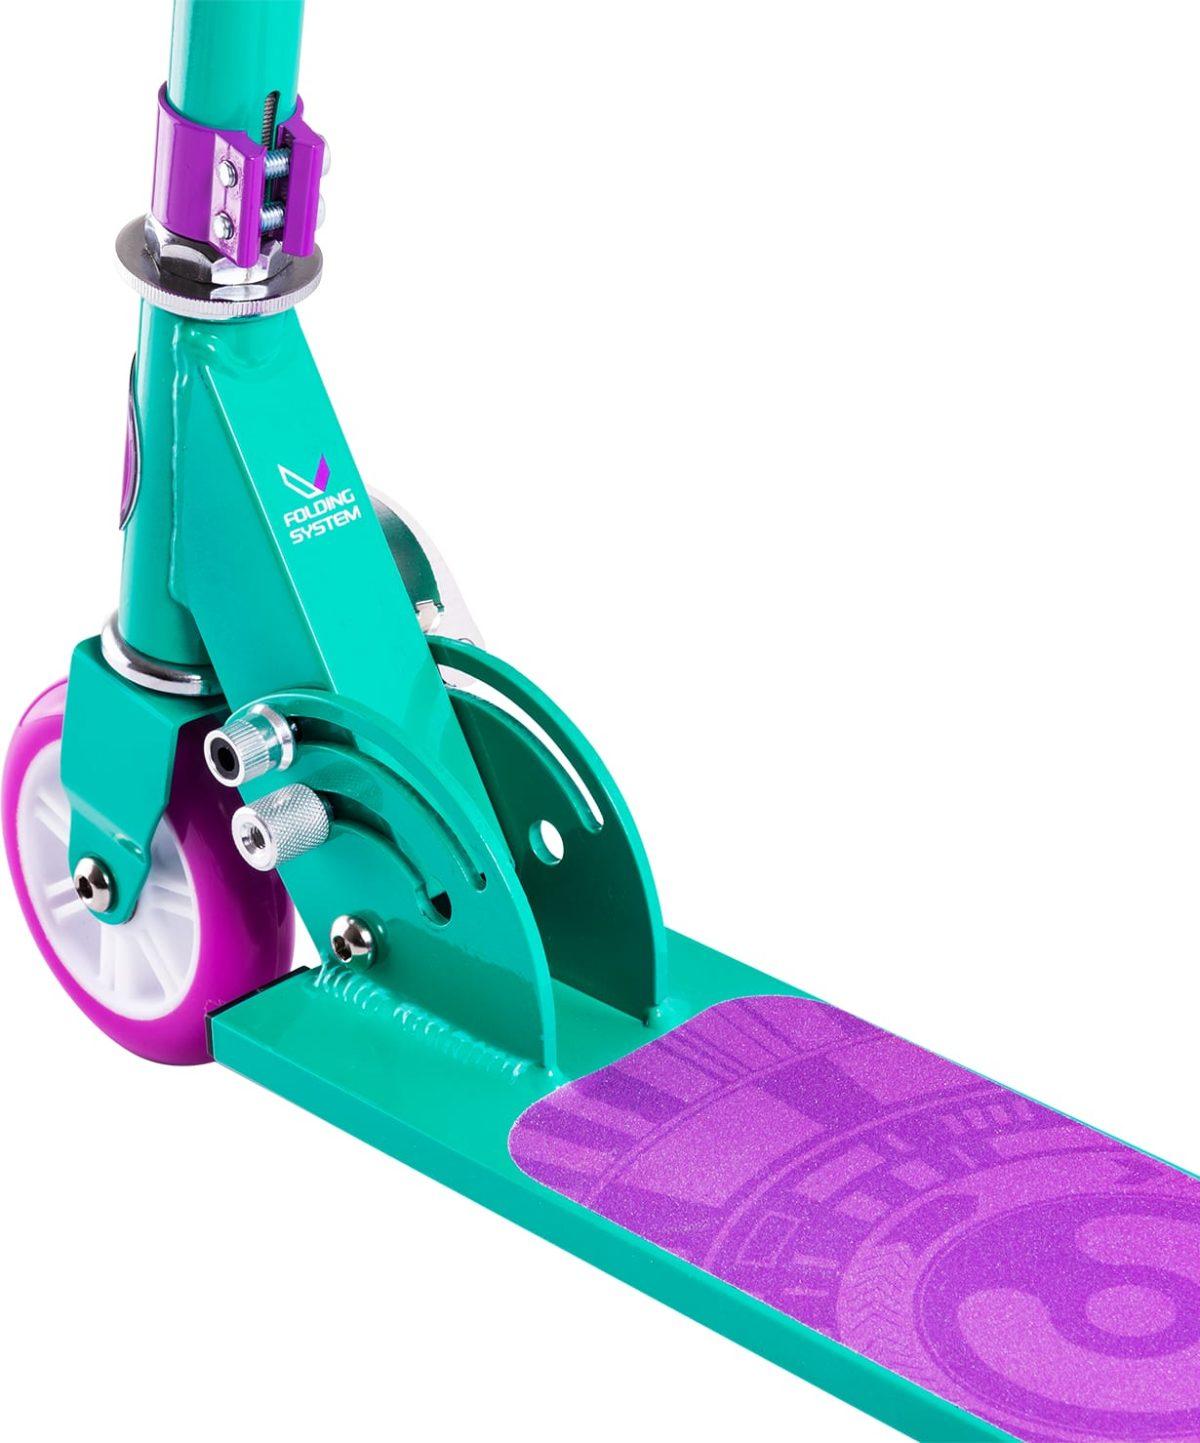 RIDEX Sonic Самокат 2-колесный  100 мм  Sonic: фиолетовый - 2